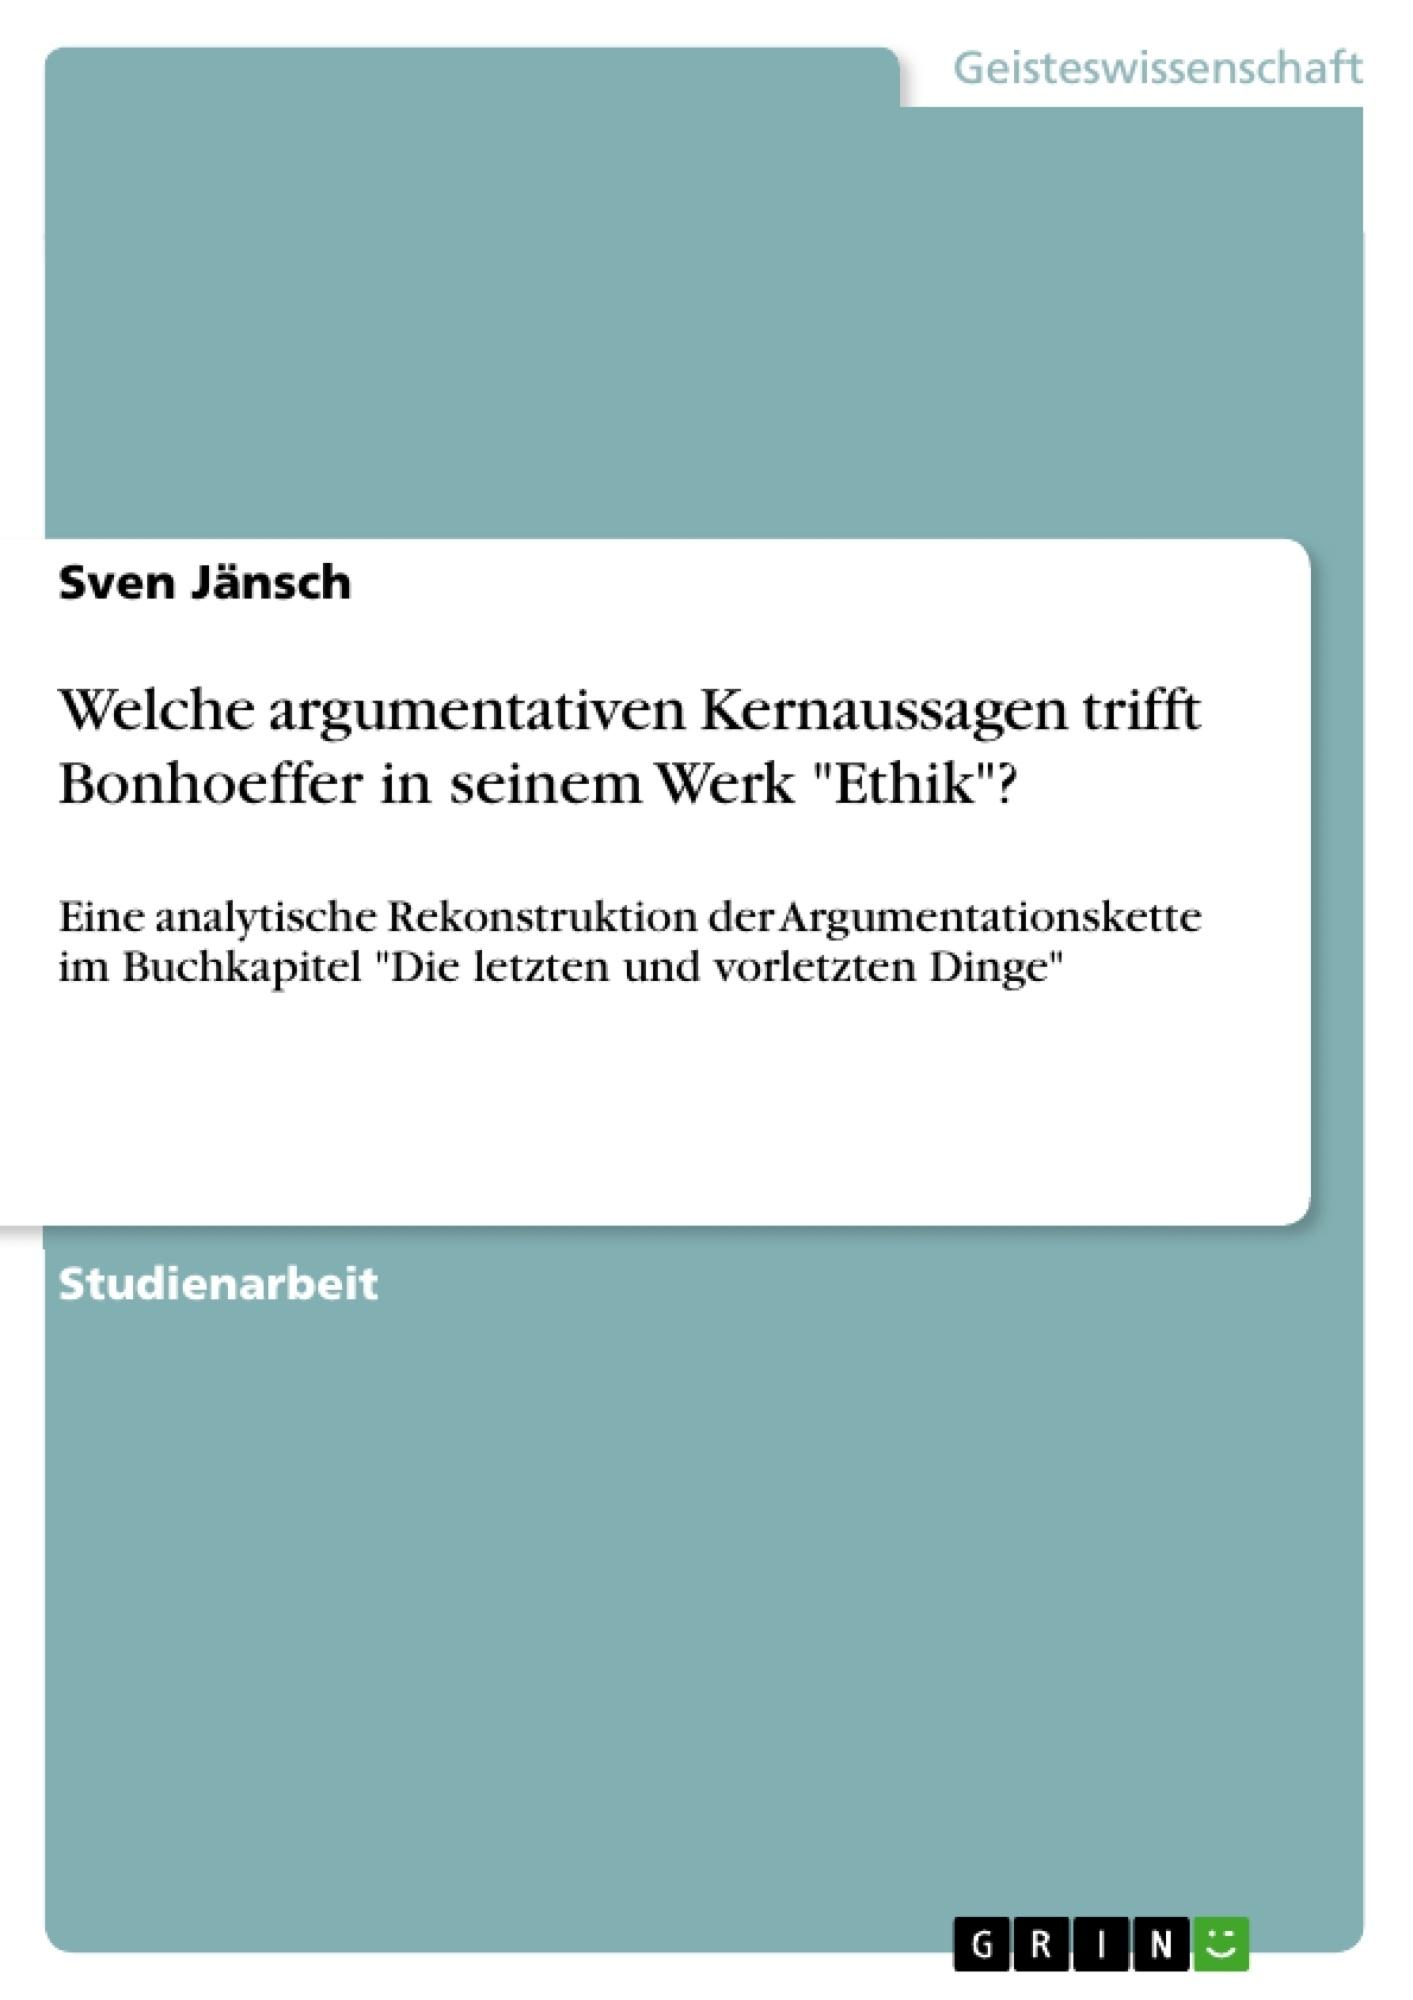 """Titel: Welche argumentativen Kernaussagen trifft Bonhoeffer in seinem Werk """"Ethik""""?"""